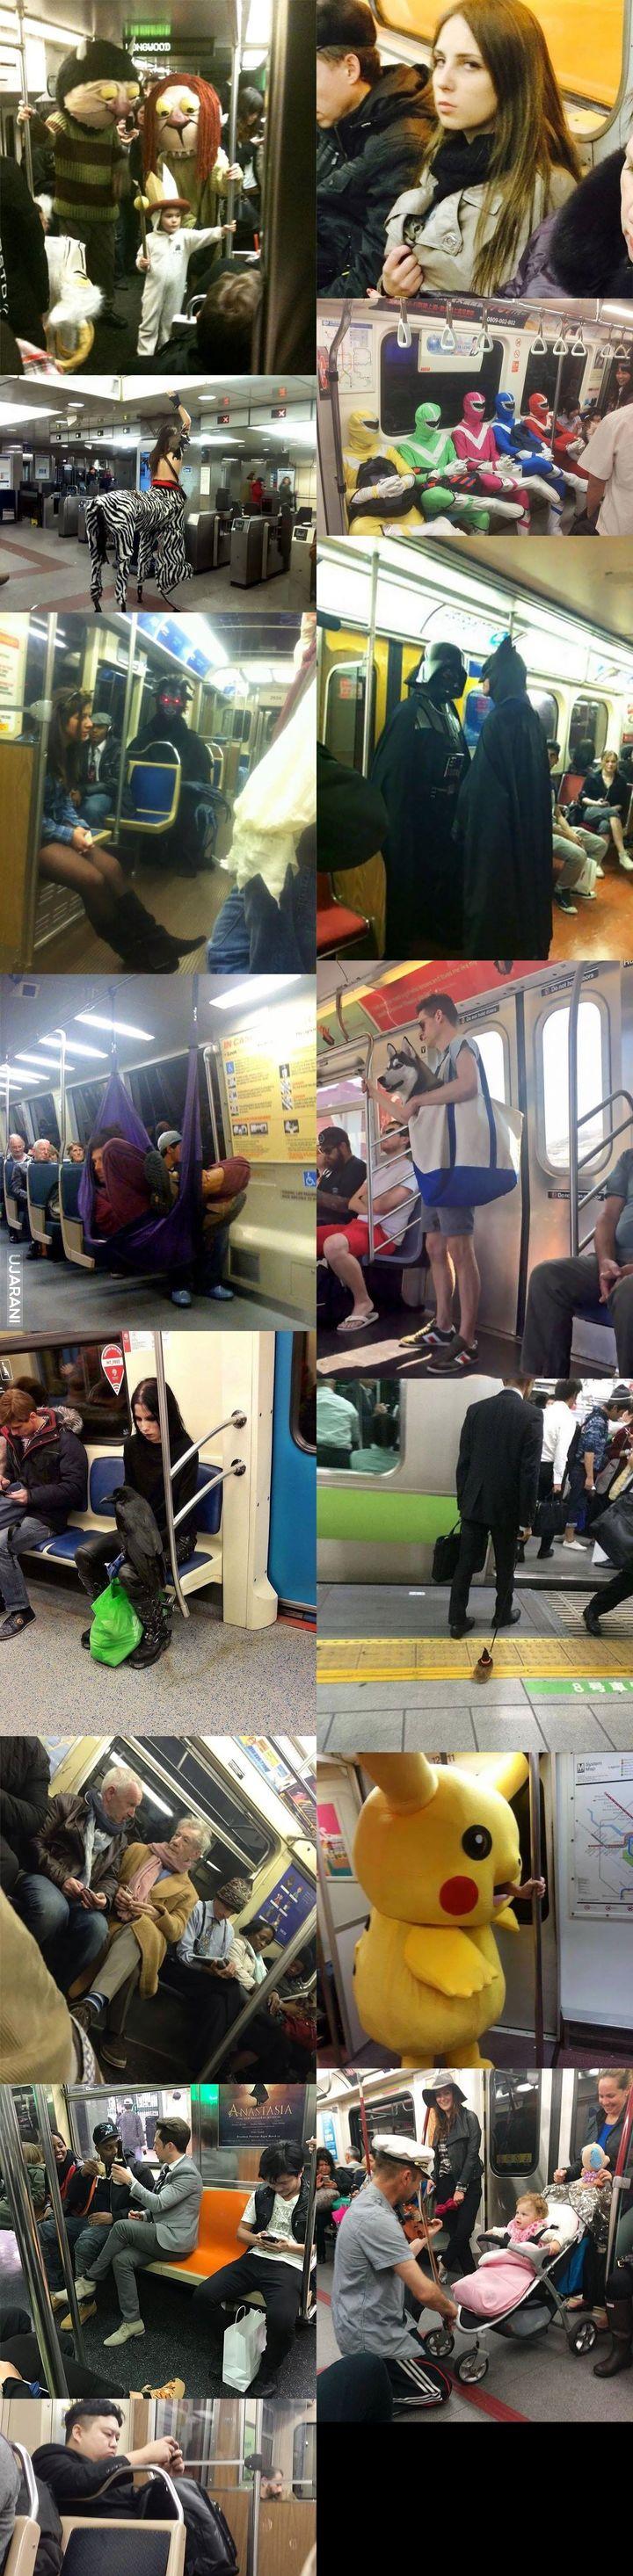 Nigdy nie wiesz kogo spotkasz w metrze